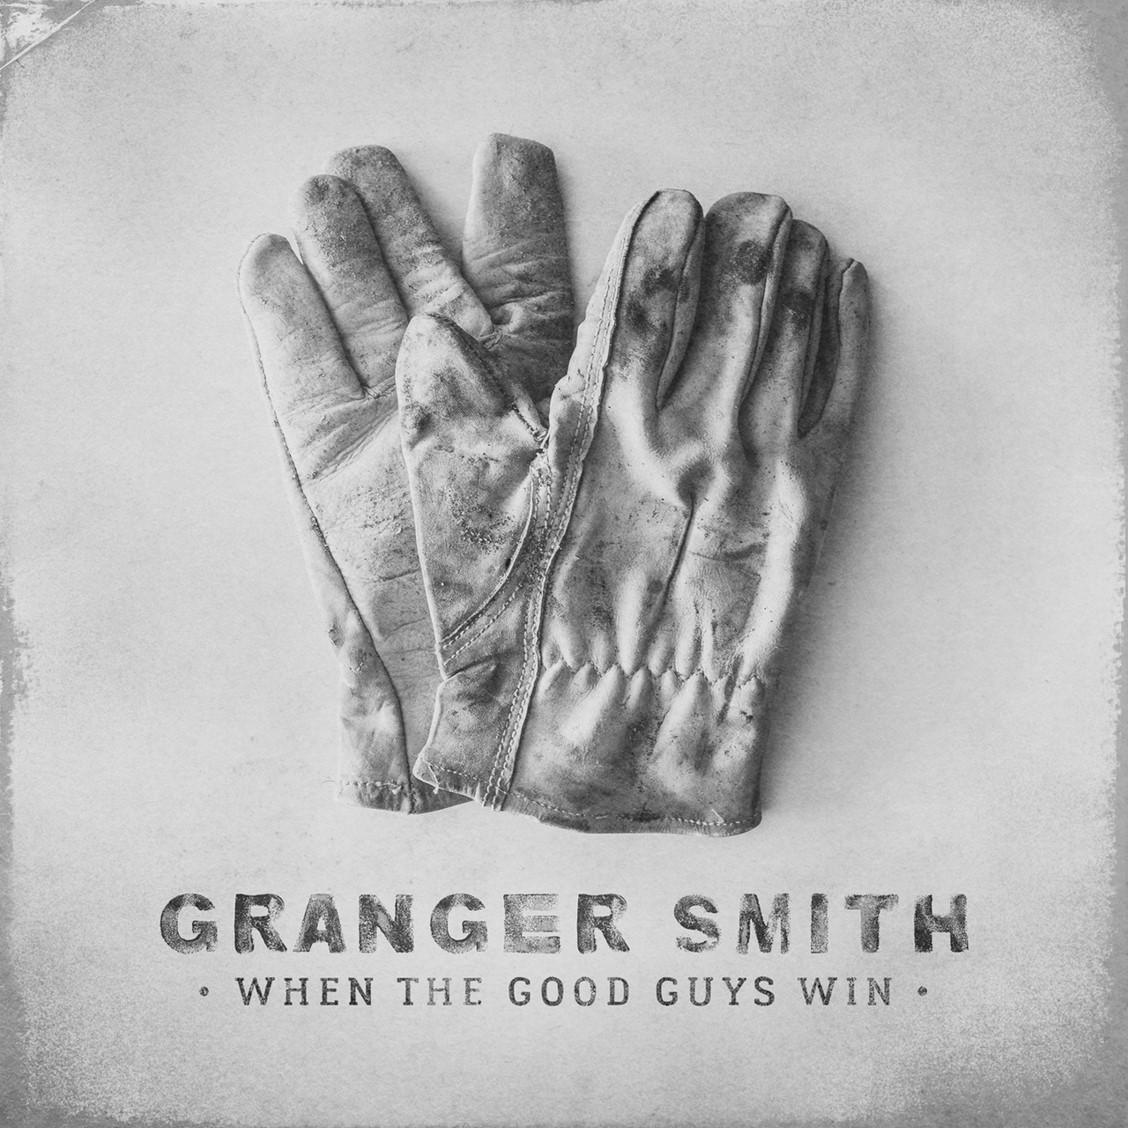 Granger Smith; Cover art courtesy NPG PR